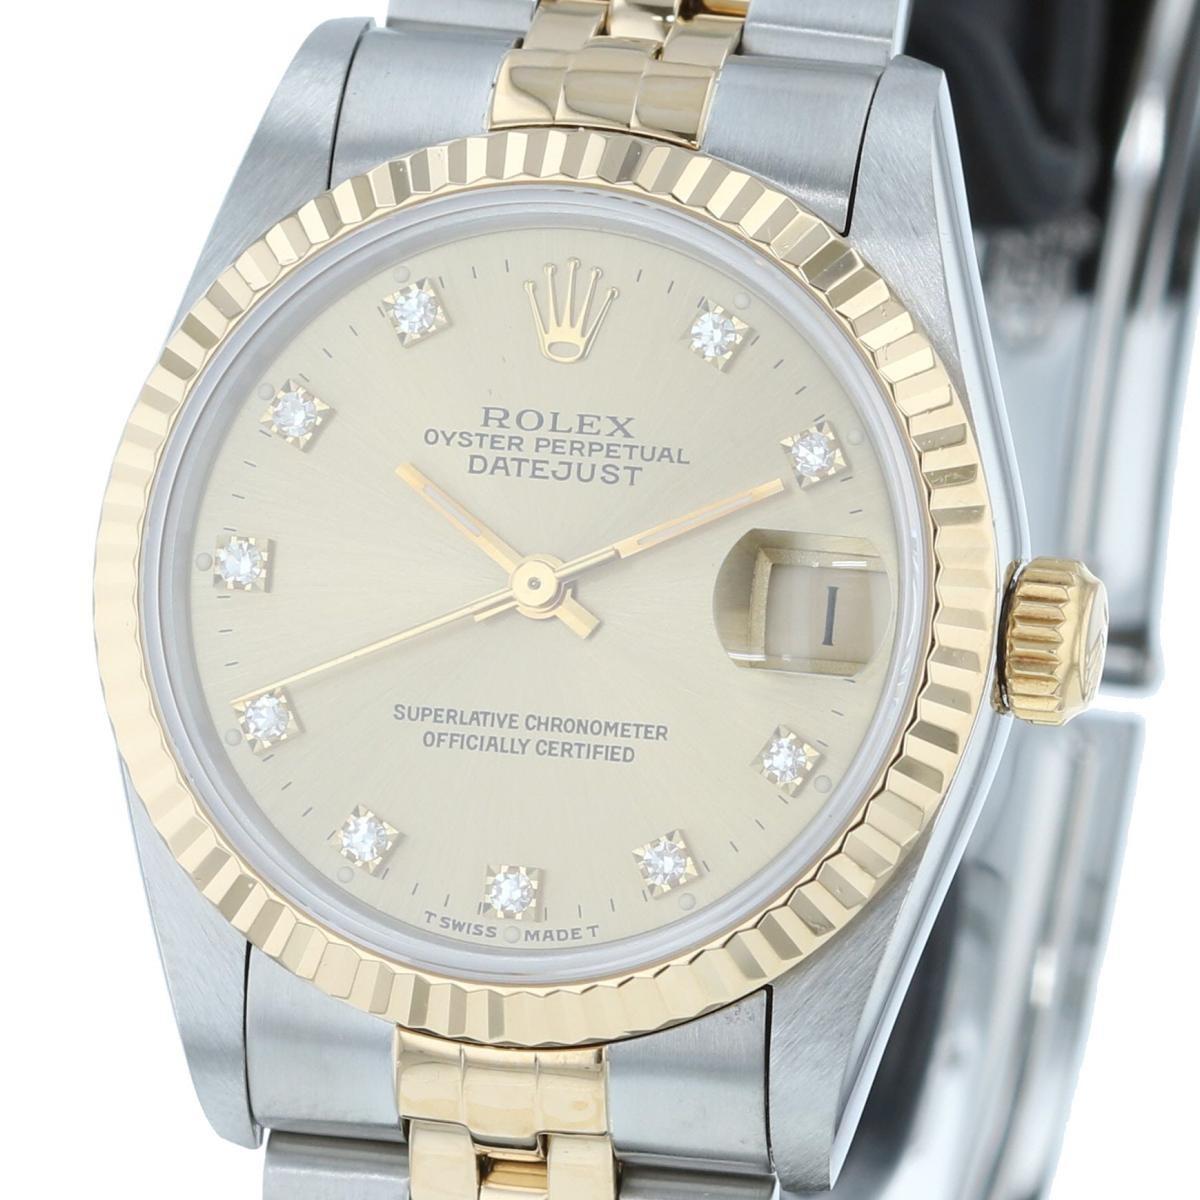 【中古】ROLEX ロレックス デイトジャスト 31� Gold 10P 時計 自動巻き/ボーイズ DATEJUST シャンパンゴールド 10Pダイヤインデックス 68273G S番 used:B